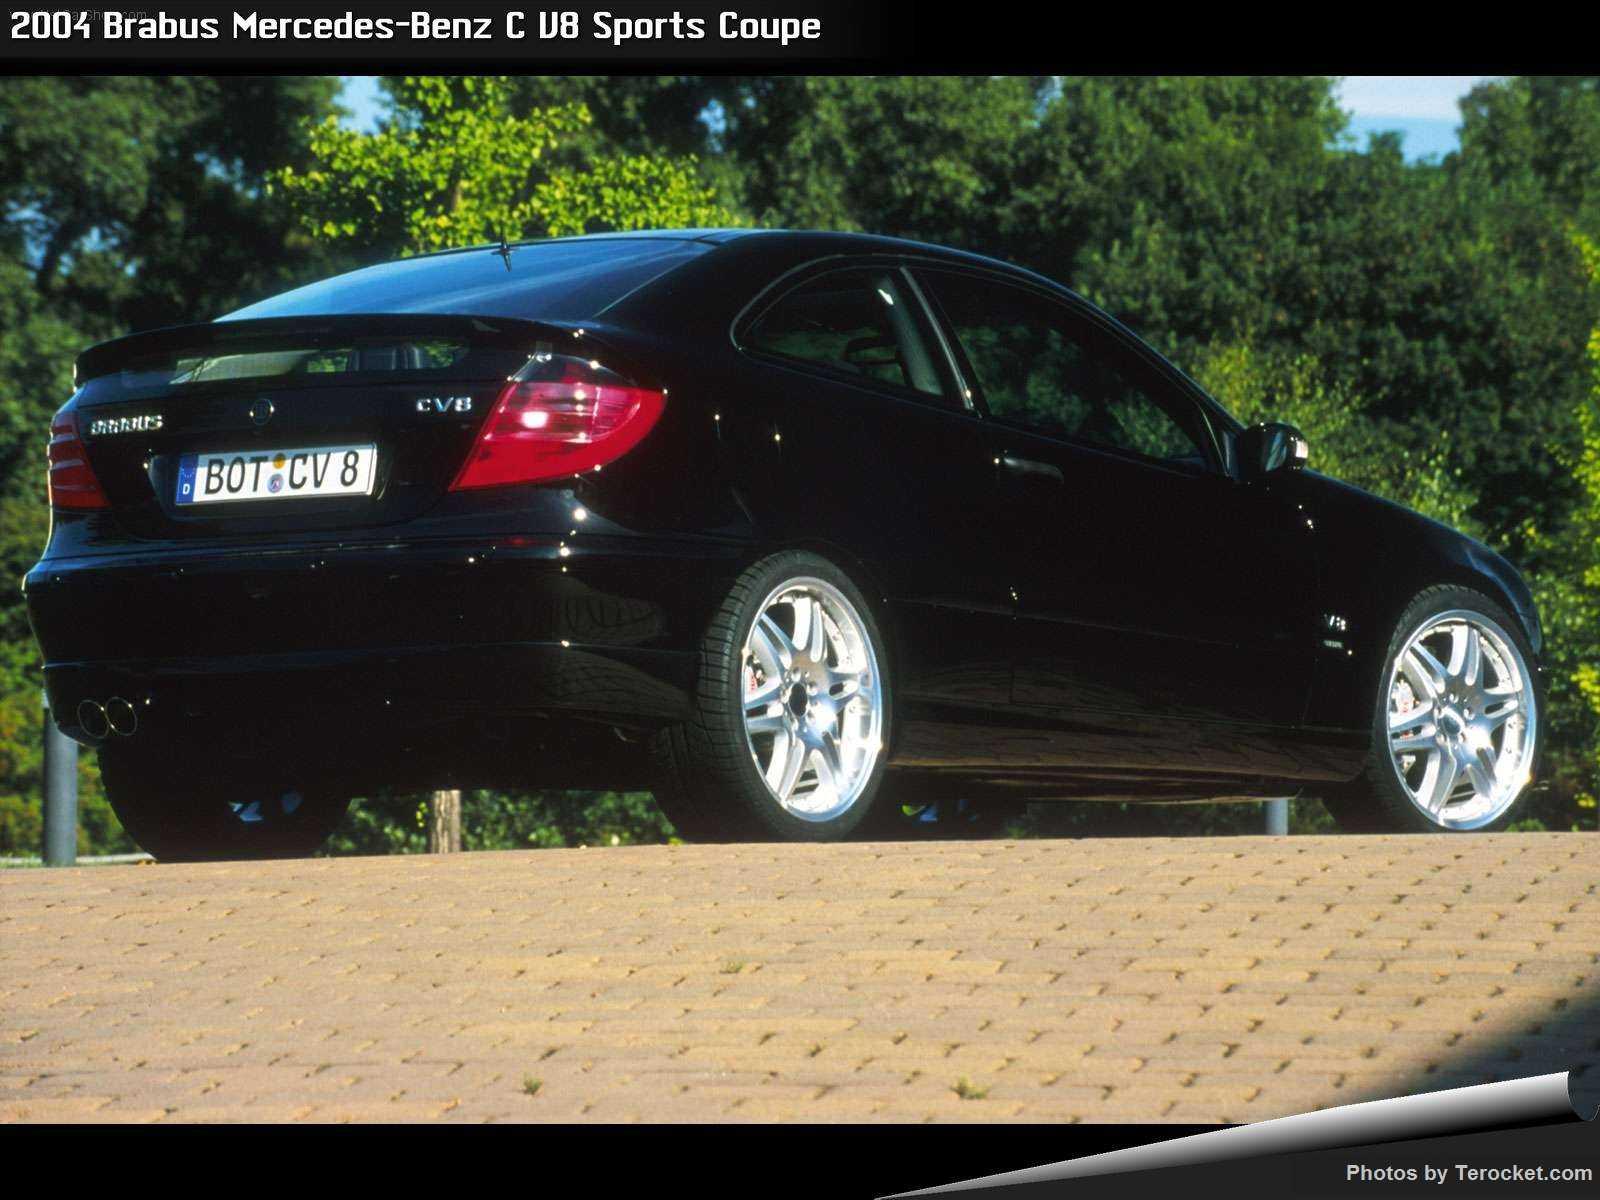 Hình ảnh xe ô tô Brabus Mercedes-Benz C V8 Sports Coupe 2004 & nội ngoại thất